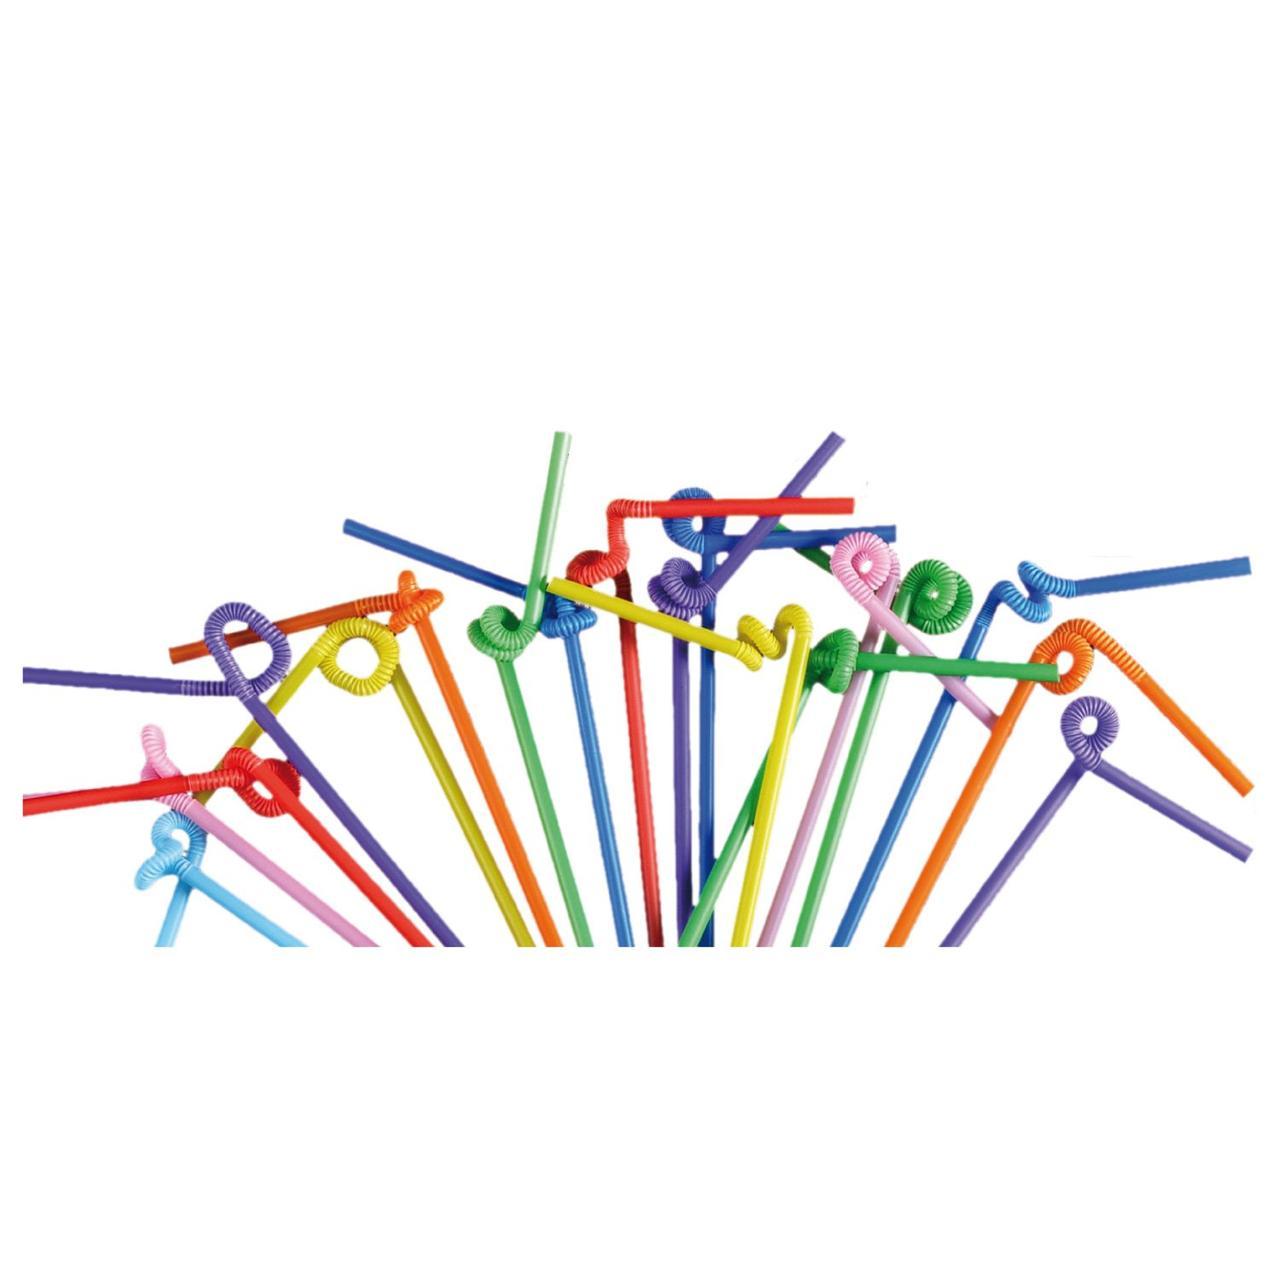 Трубочки д/коктейля с удлиненной гофрой d=6мм L=260мм, ПП, 40 шт